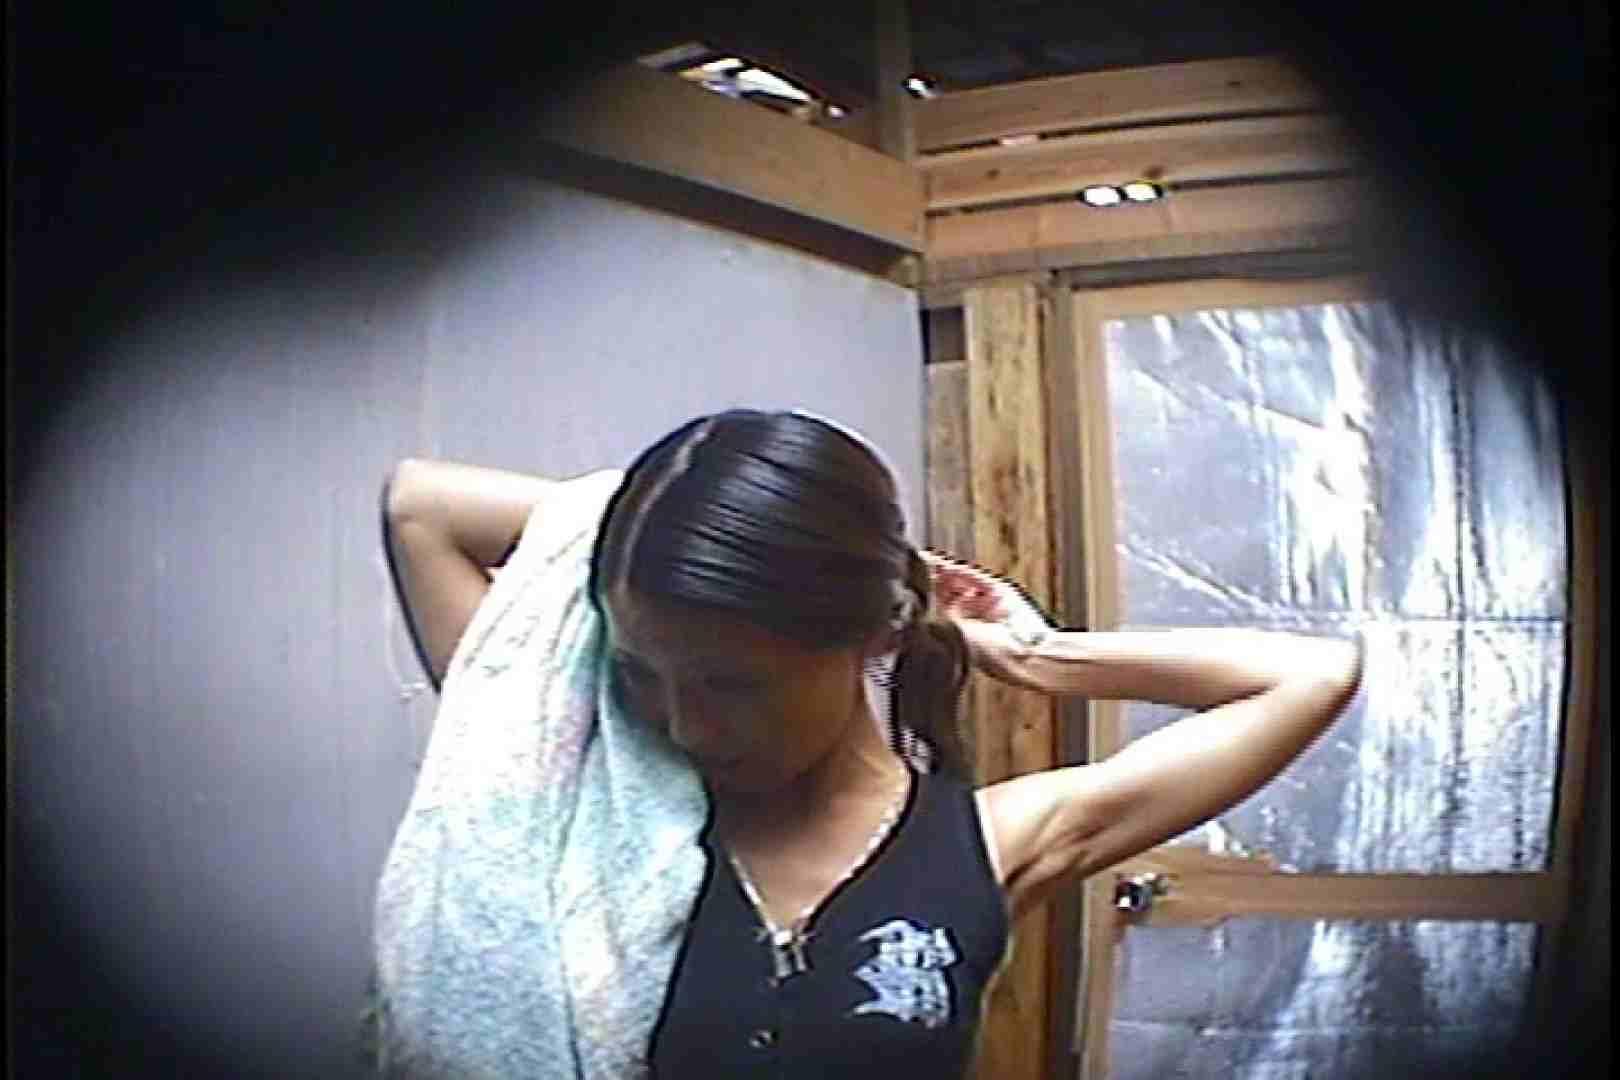 海の家の更衣室 Vol.45 美肌 AV無料 78画像 15